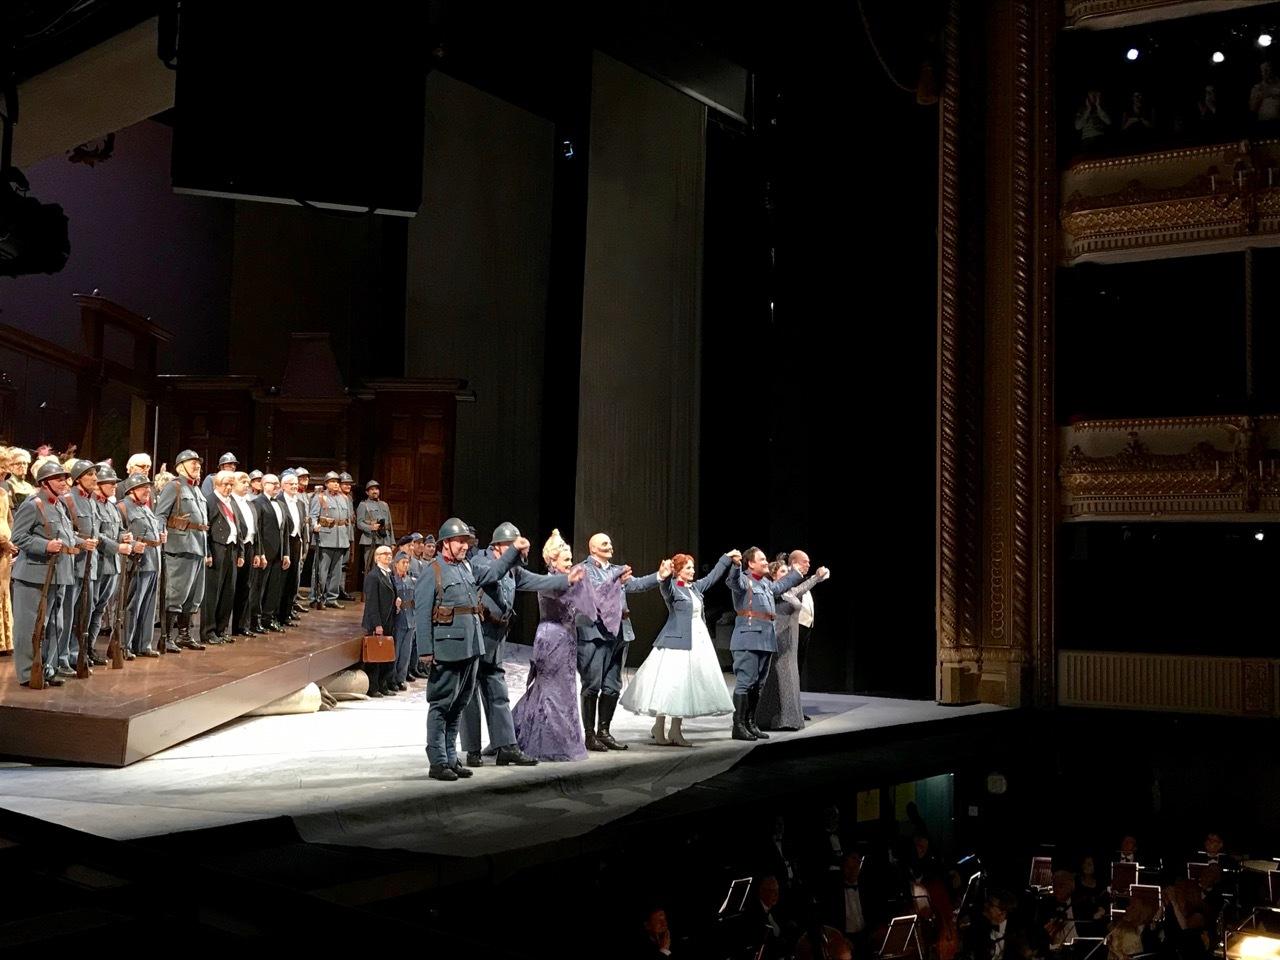 ロイヤルオペラハウスでオペラ『連隊の娘』_e0114020_20482688.jpg